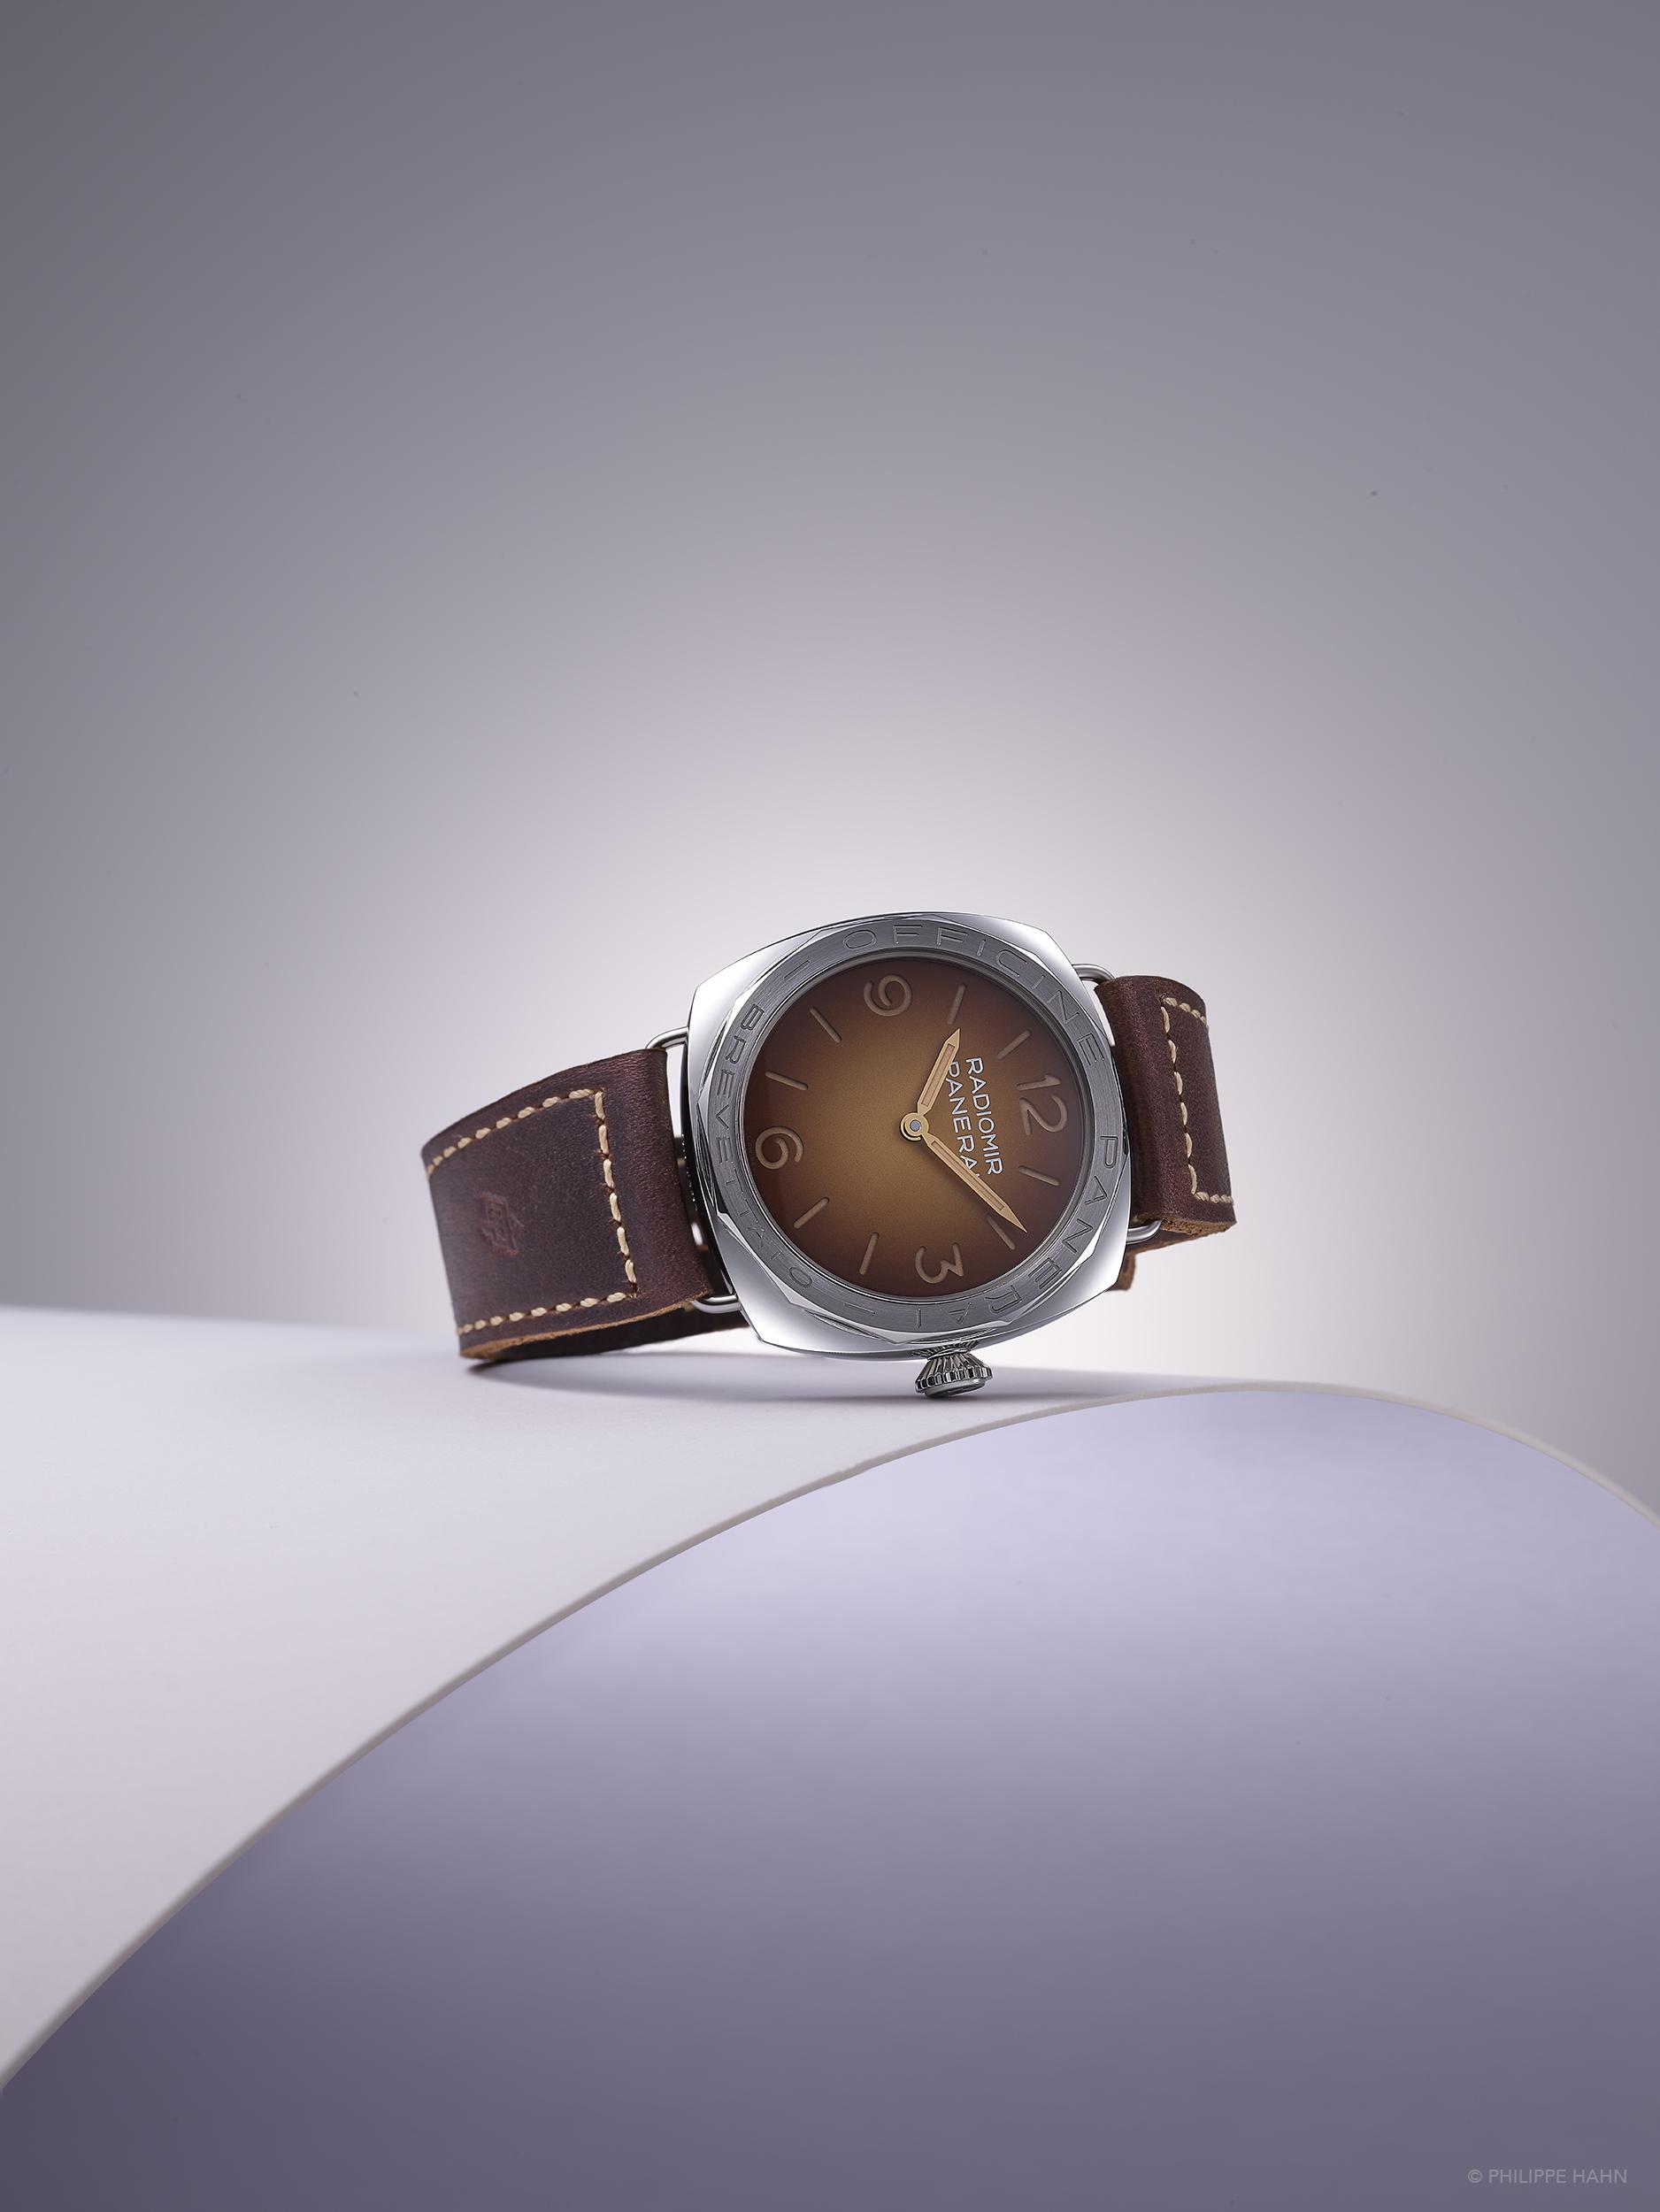 Photographie réalisé en Studio de la montre Panerai Radiomir par Philippe Hahn